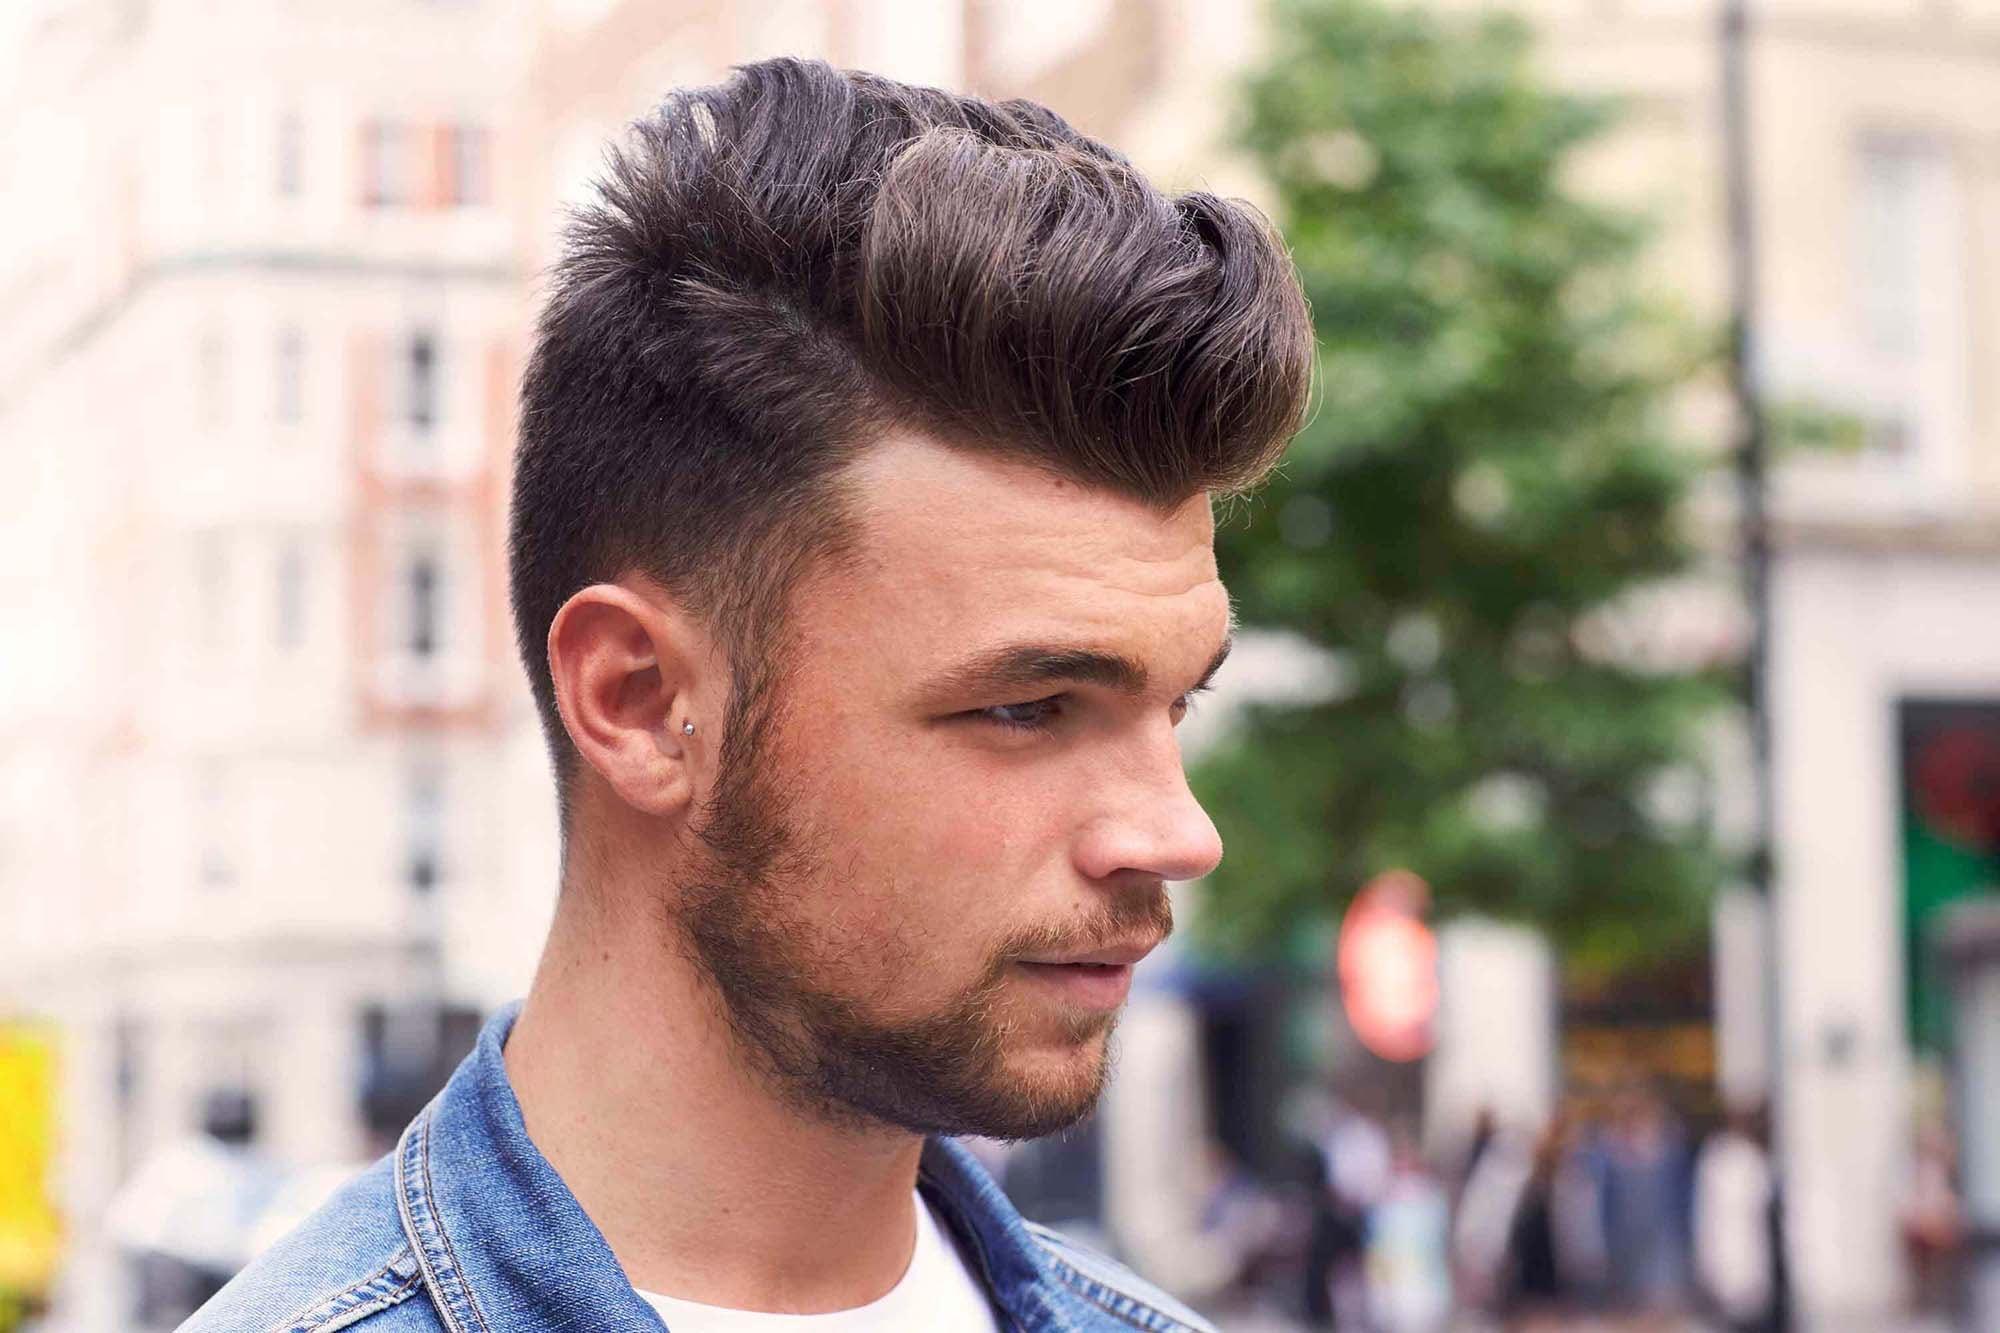 Peinados para hombres cl sicos que se impondr n en 2017 - Peinados de hombre de moda ...